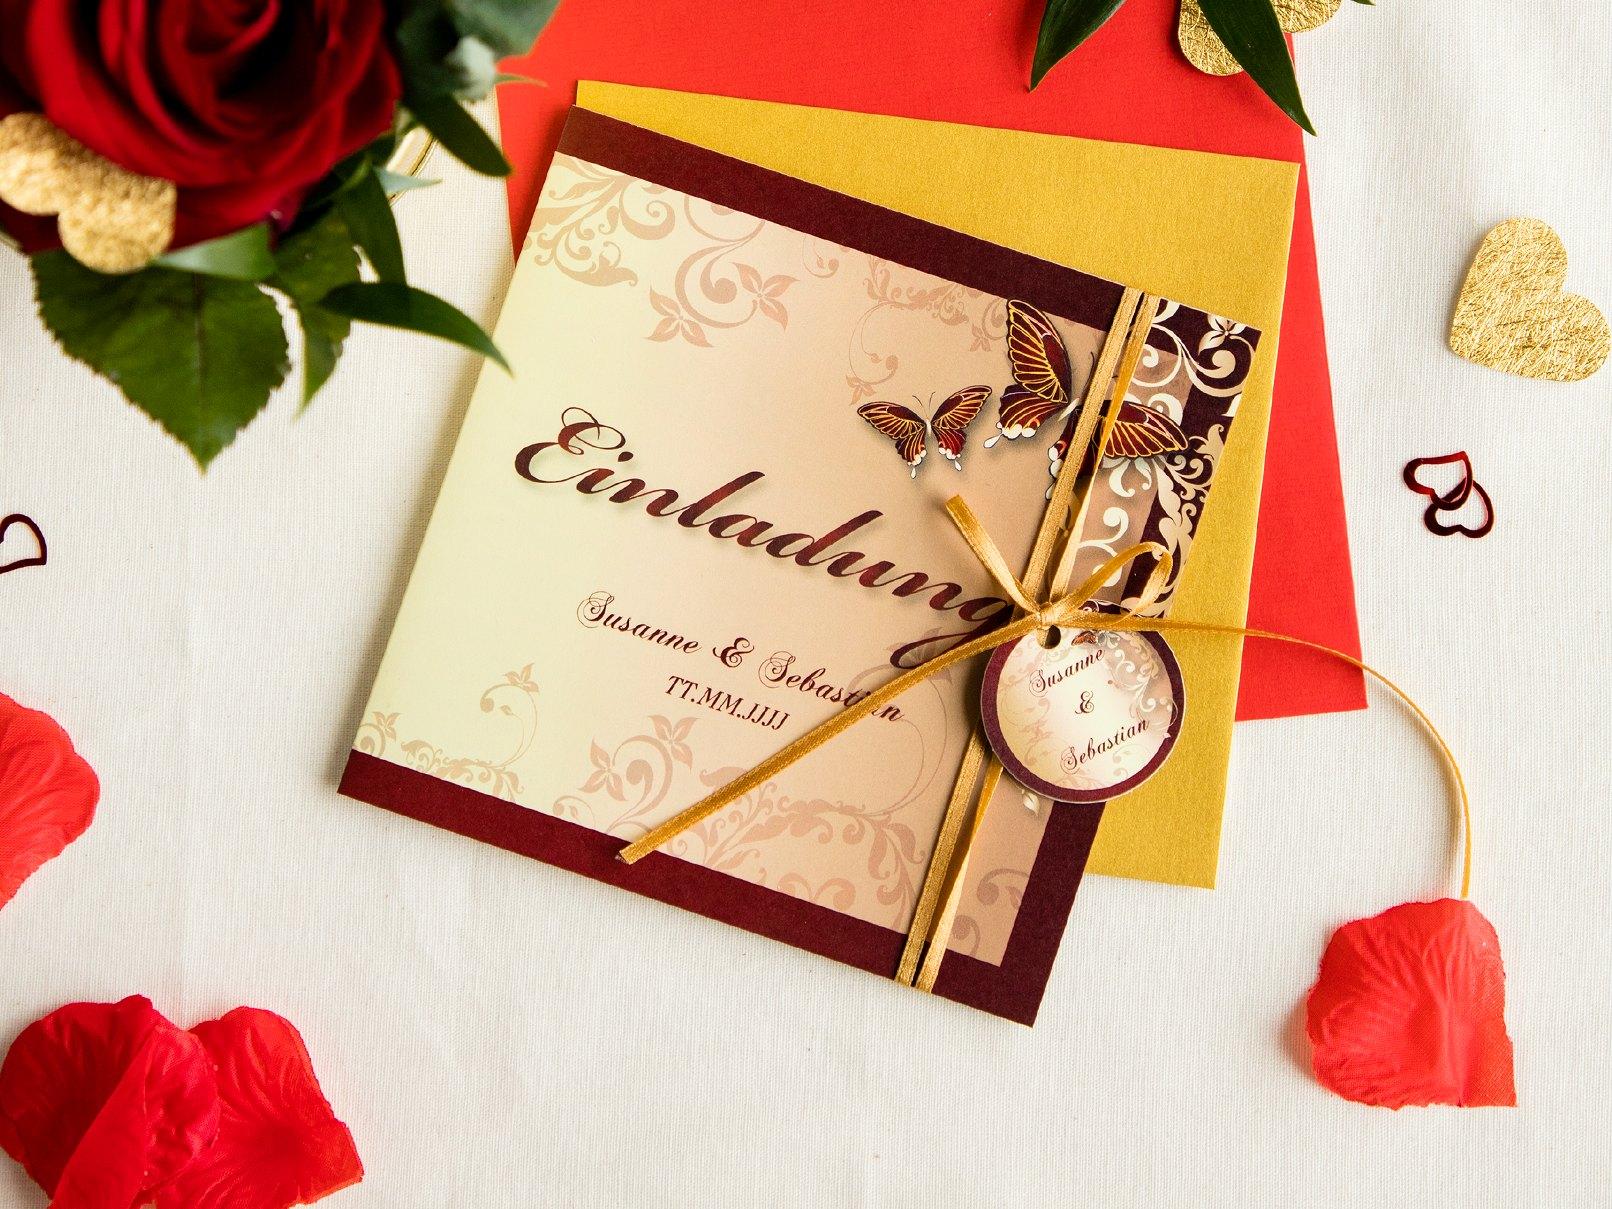 Hochzeiteinladung Mit Schmetterling Für Ein Edles Hochzeitsfest